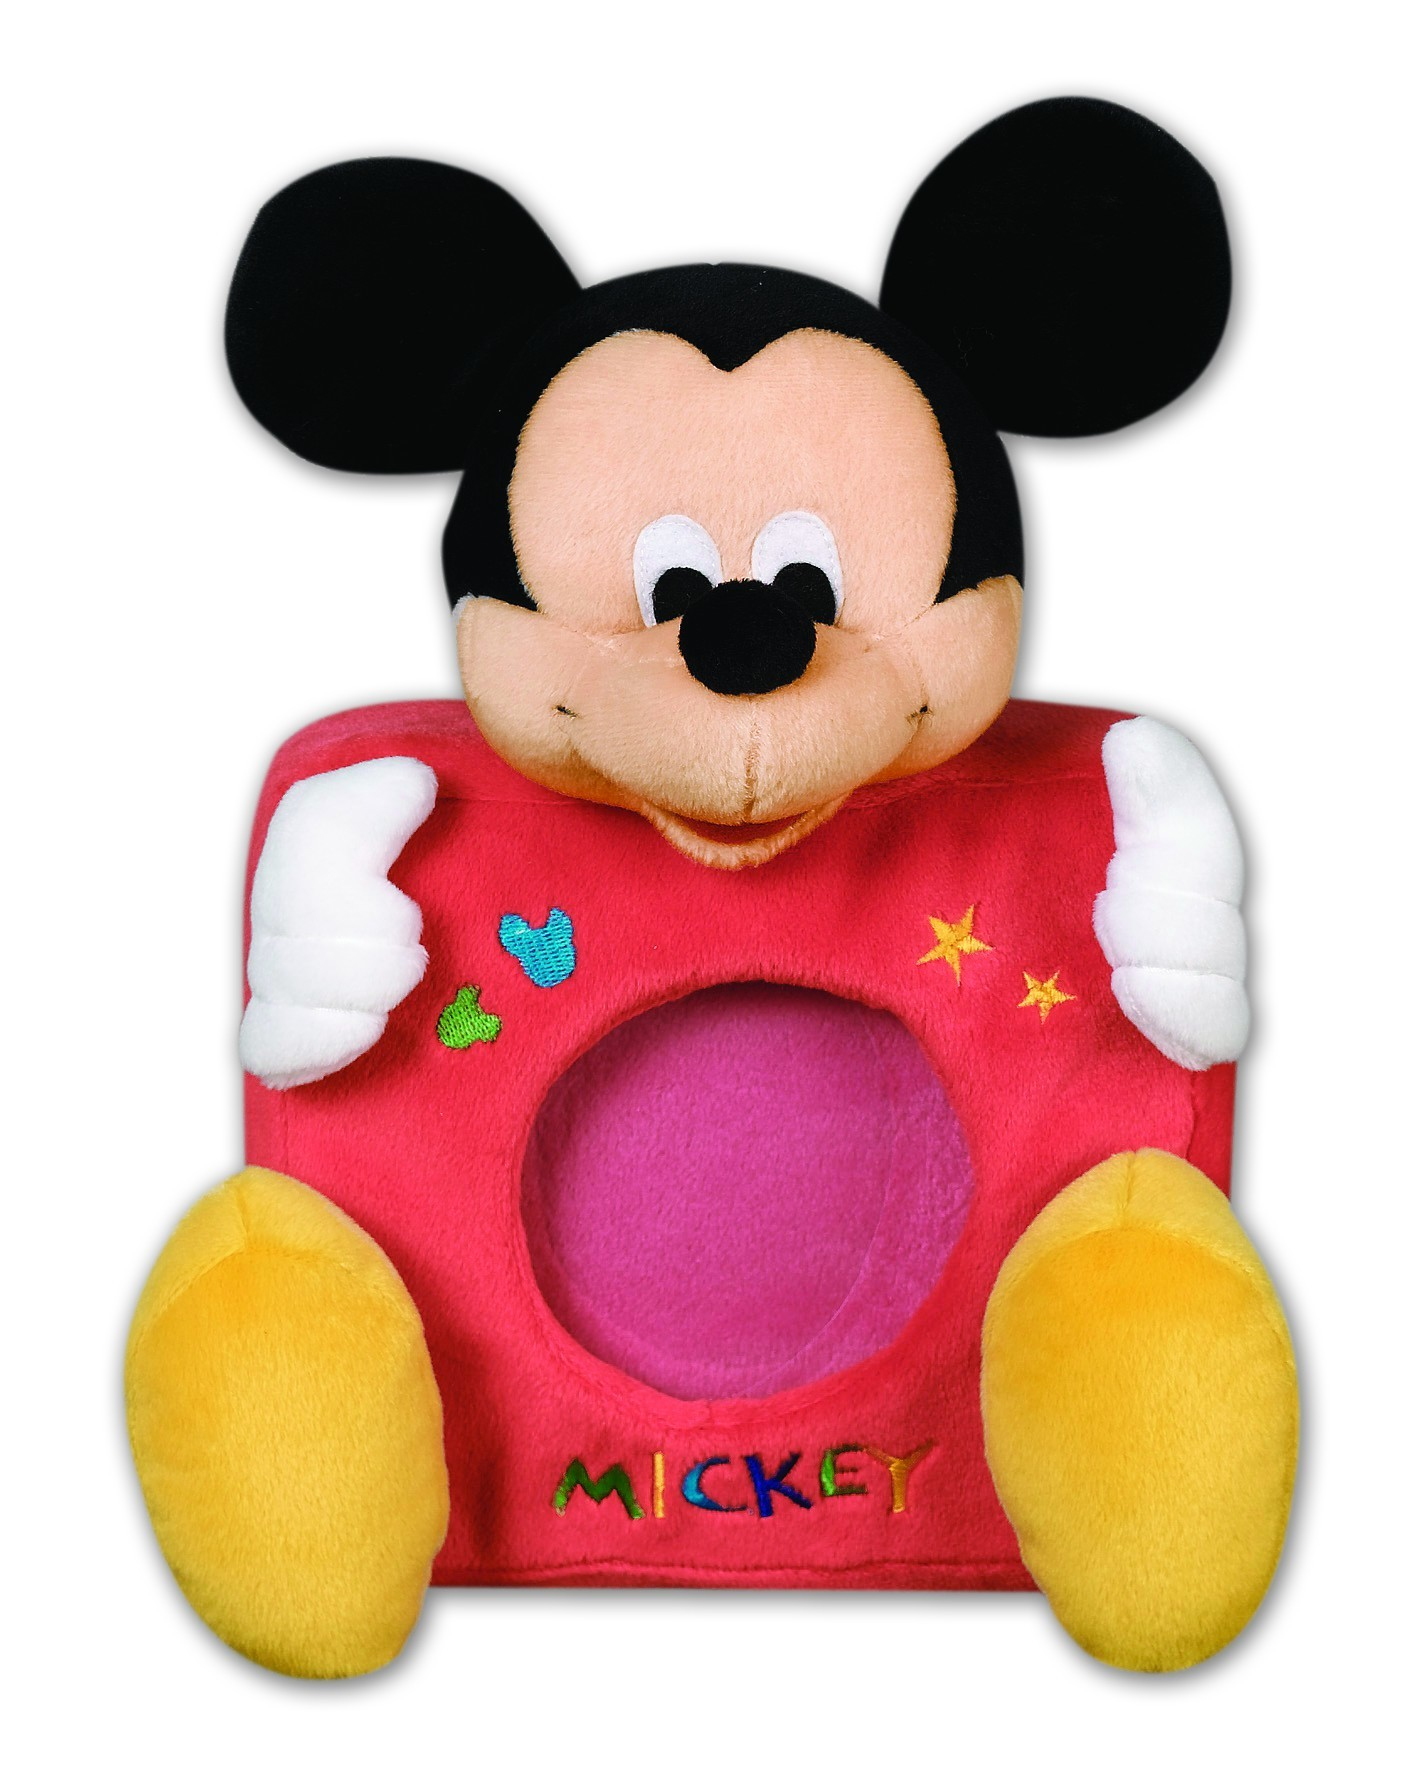 Mickey Mouse fotorámček Ilanit